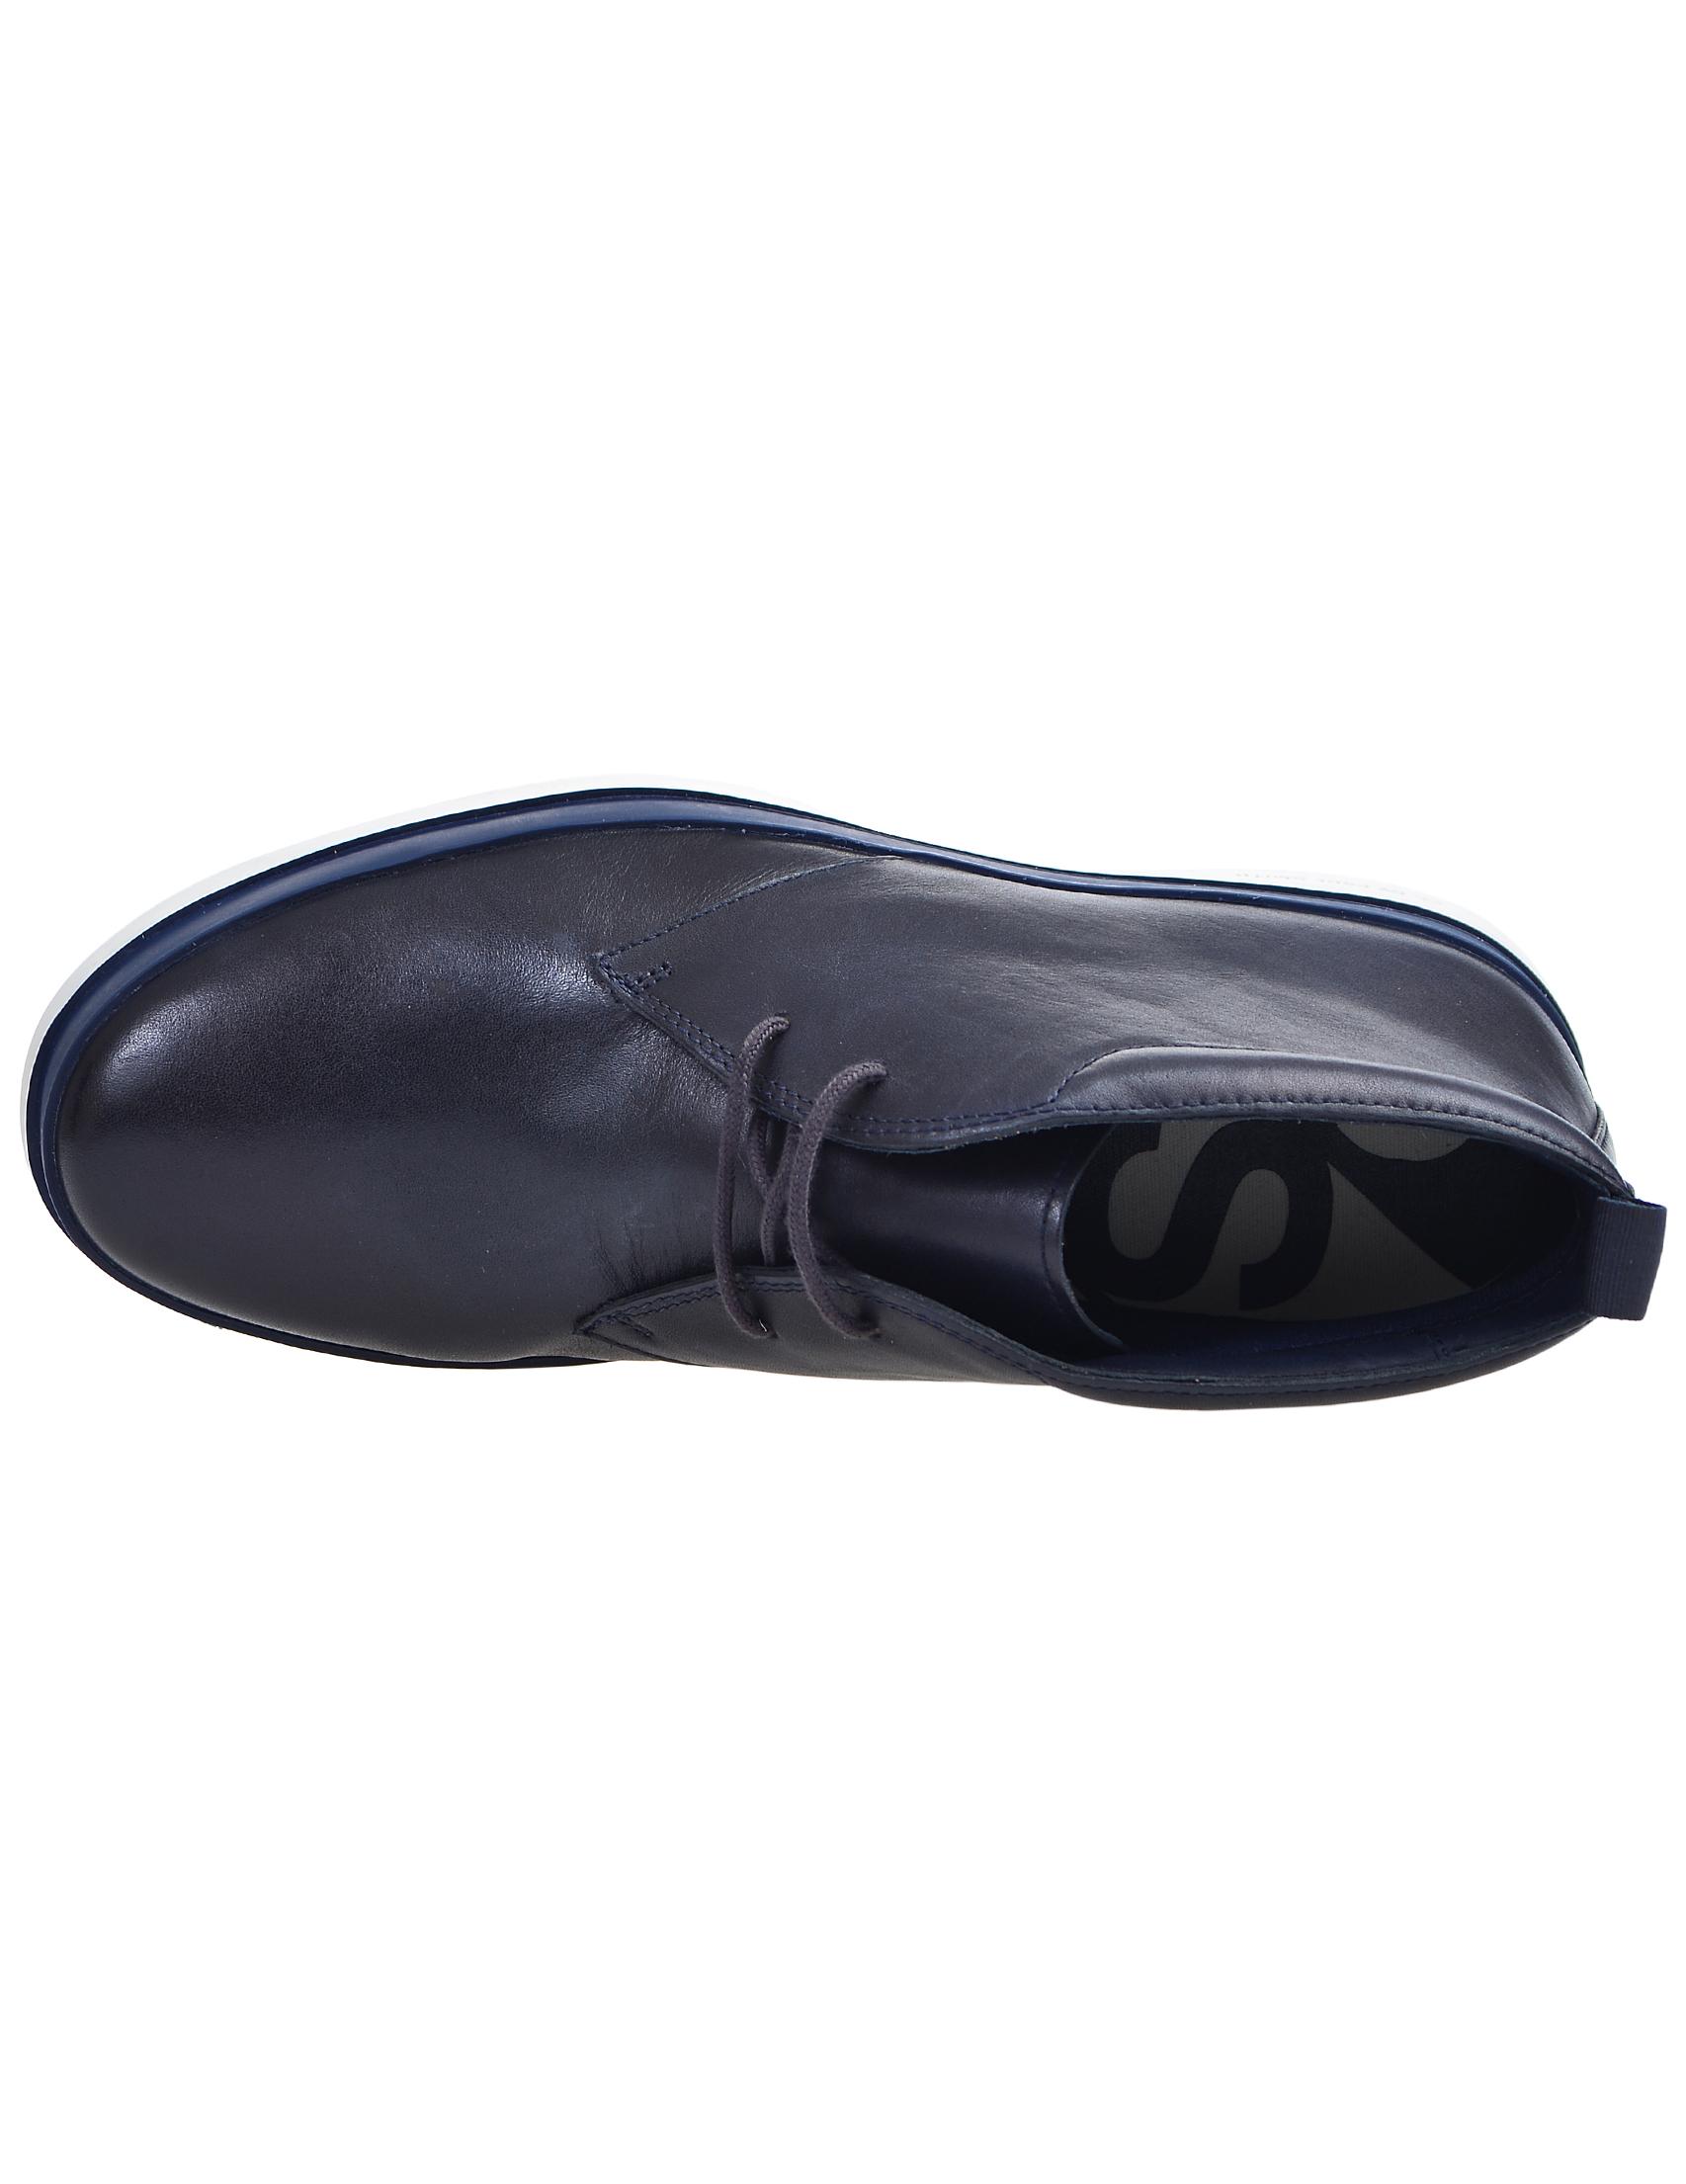 Фото 7 - мужские ботинки и полуботинки  синего цвета